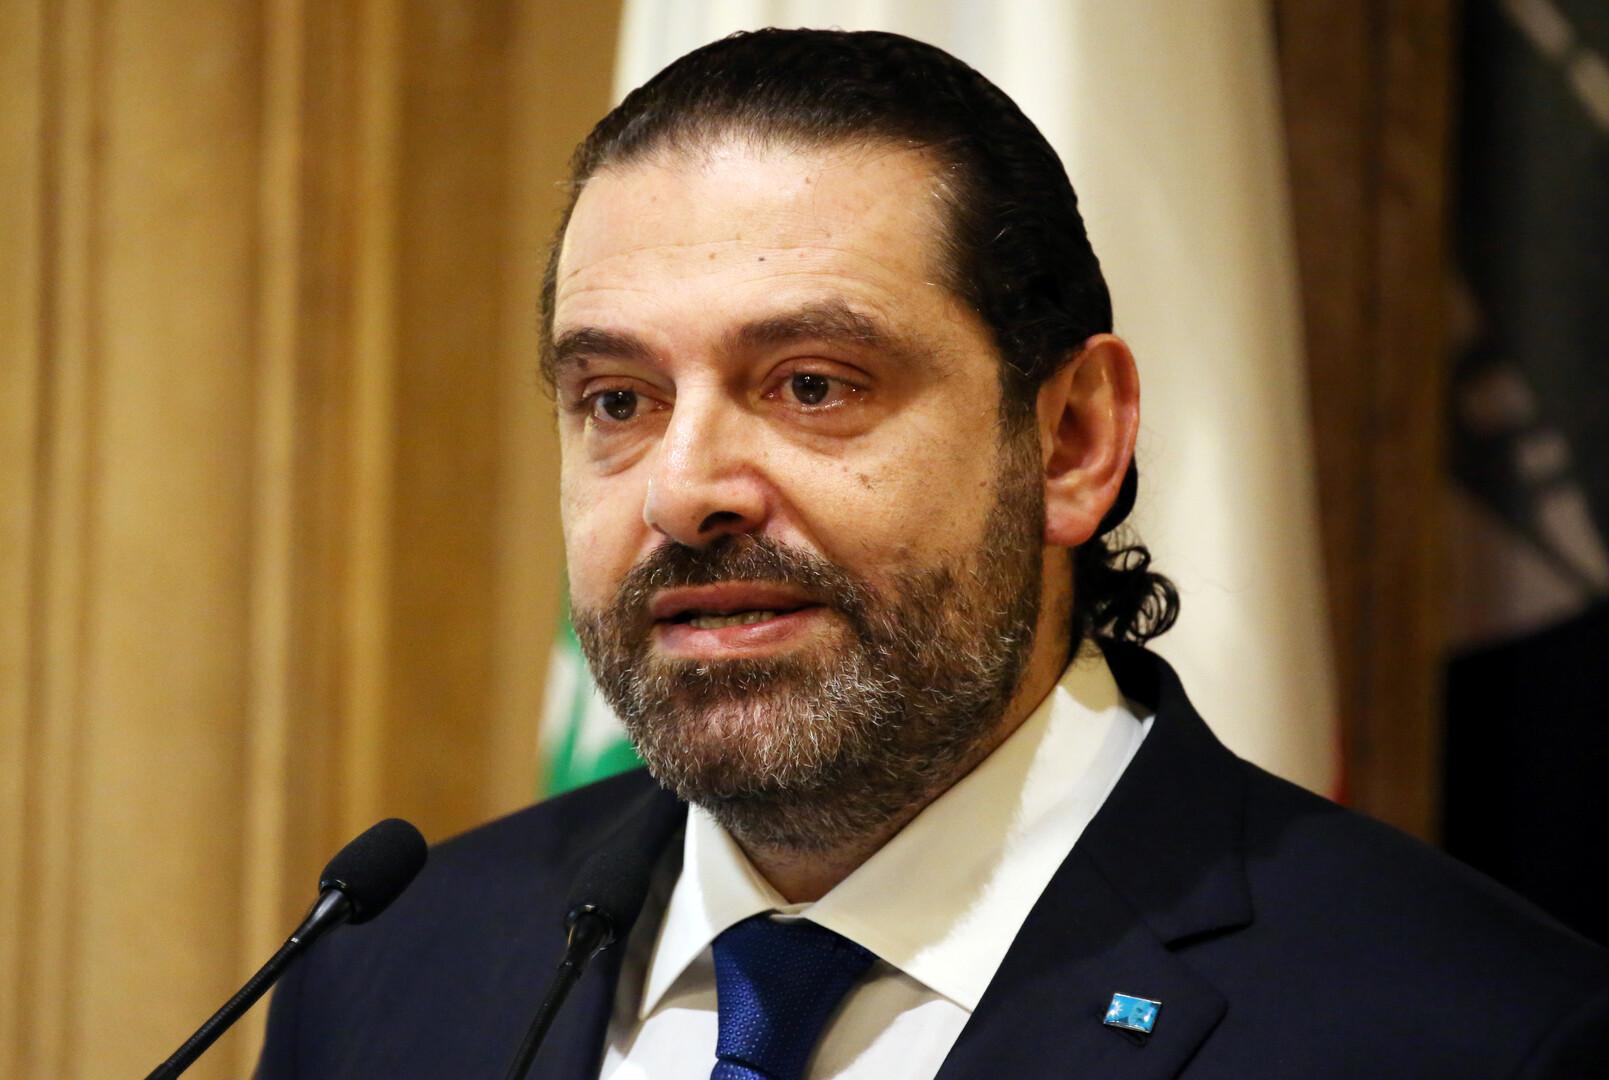 الحريري يعلن تعليق العمل في تلفزيون